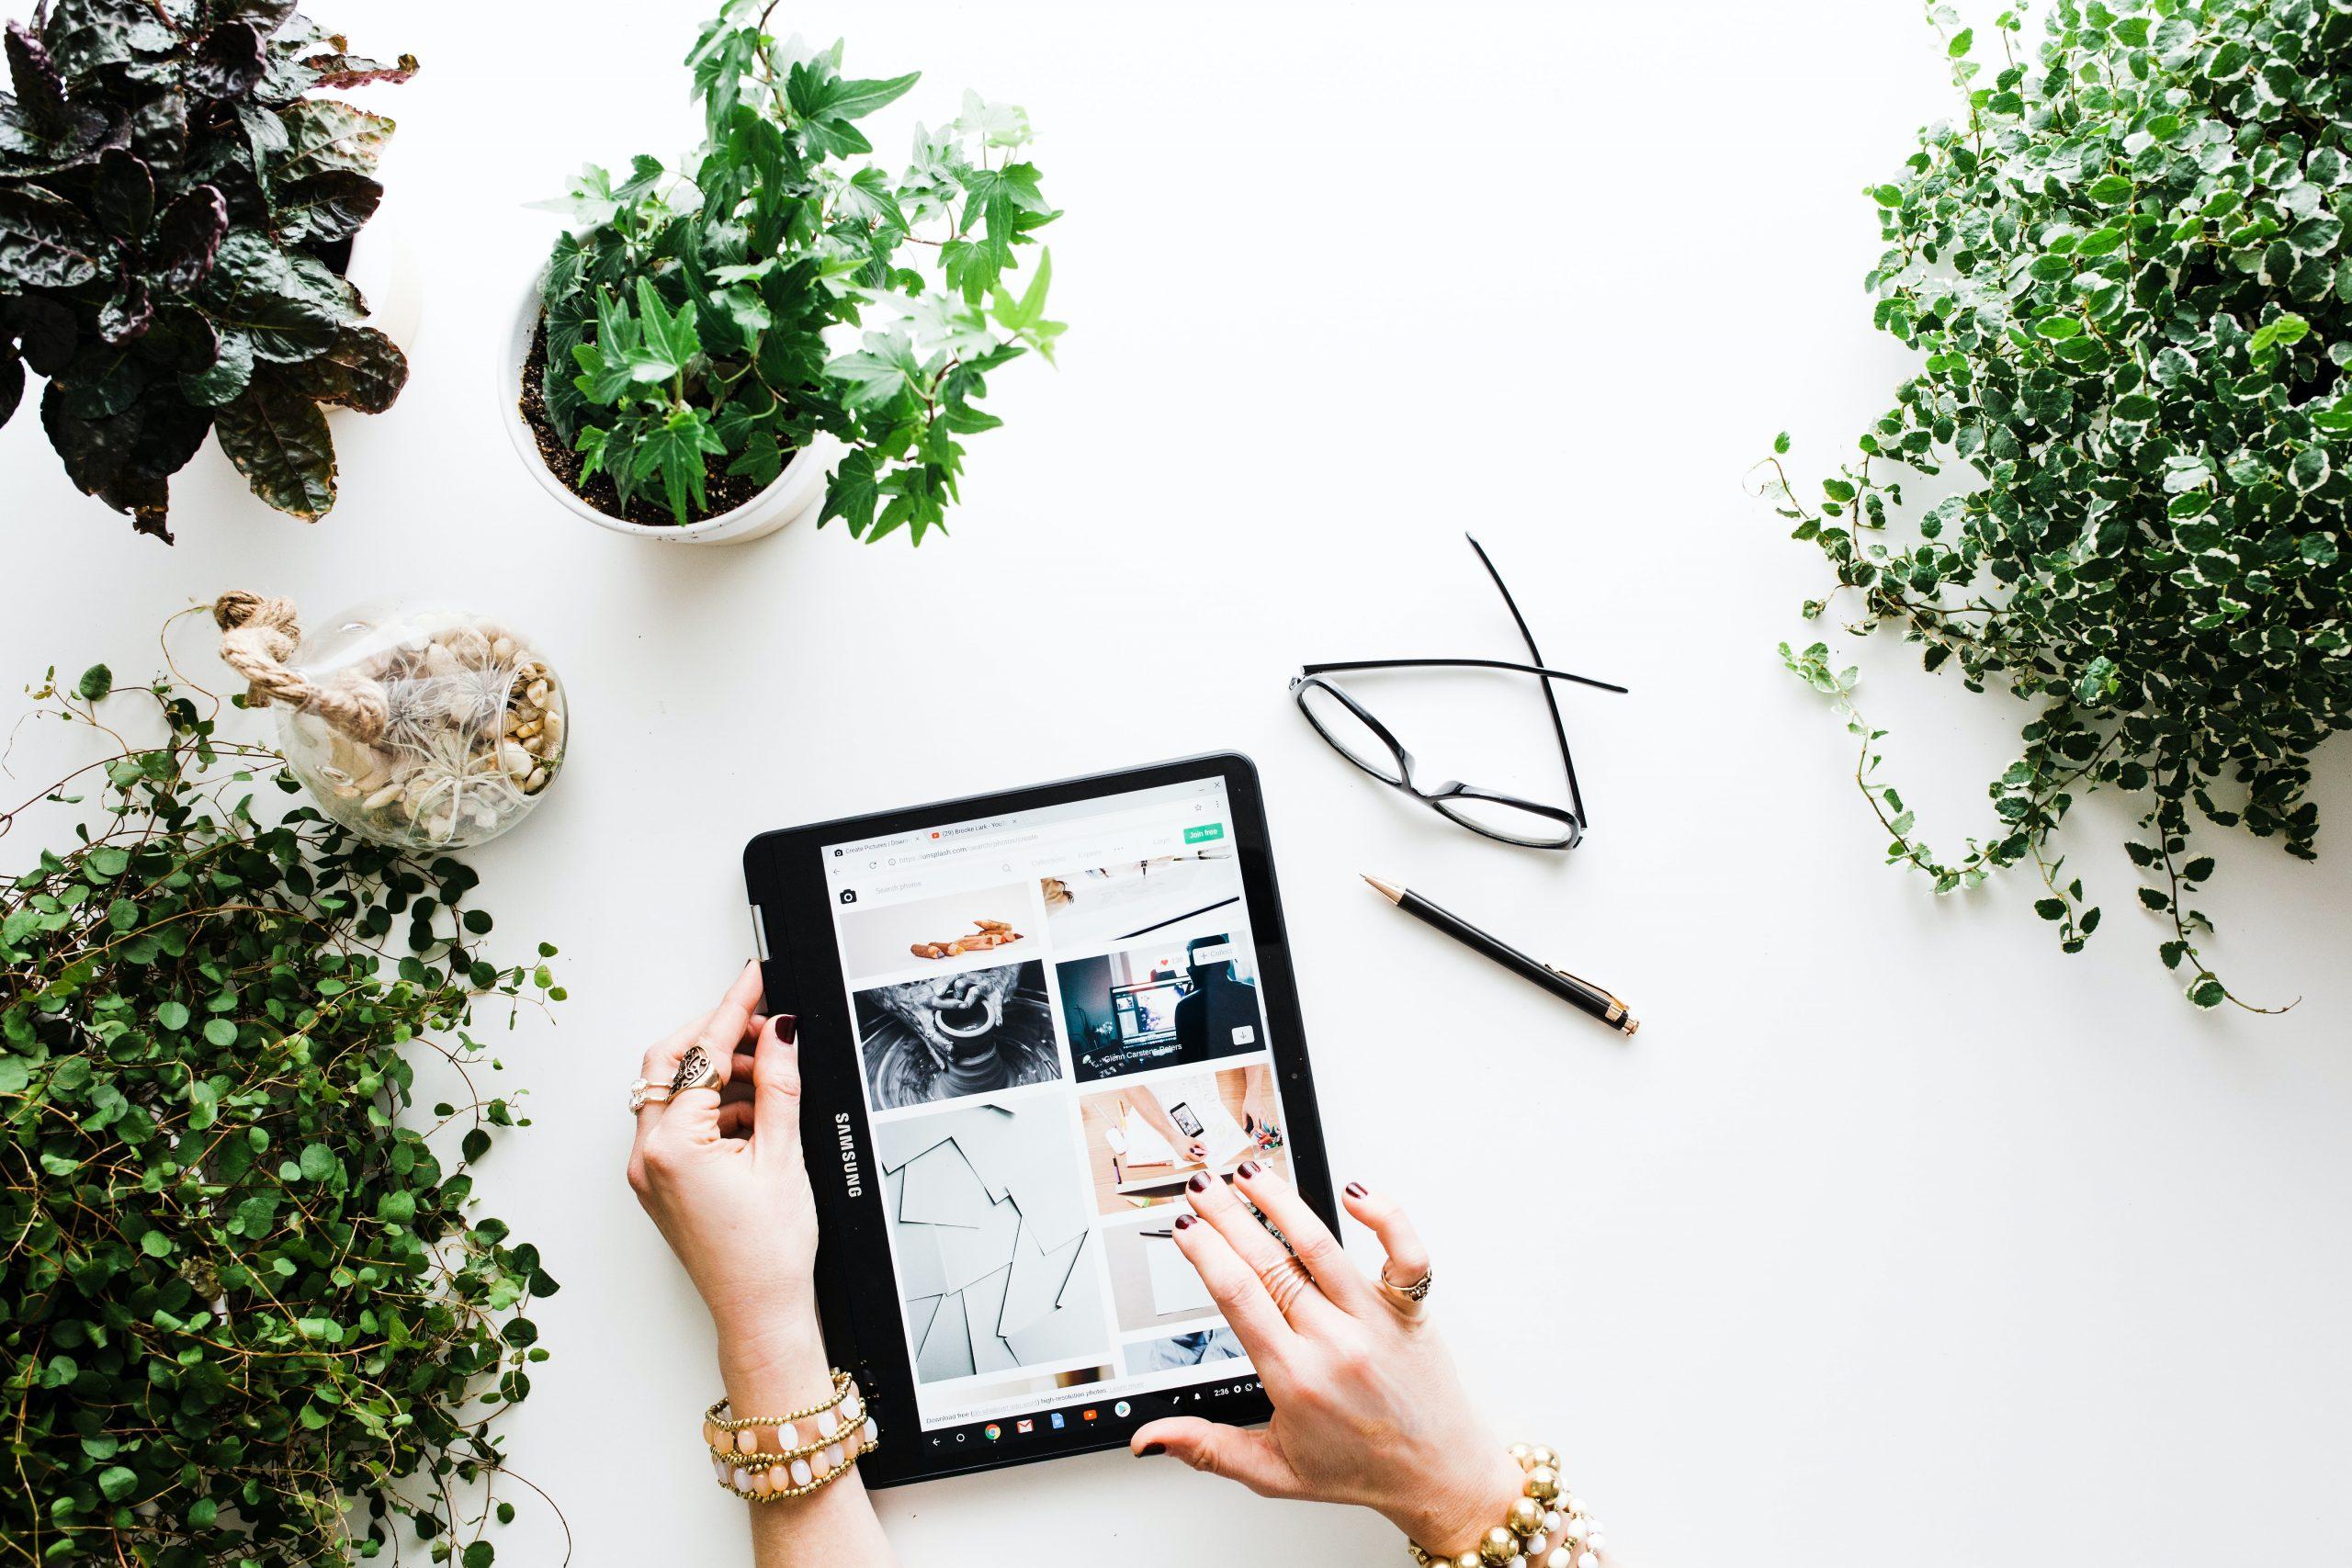 Pourquoi votre entreprise devrait-elle avoir un blog ?